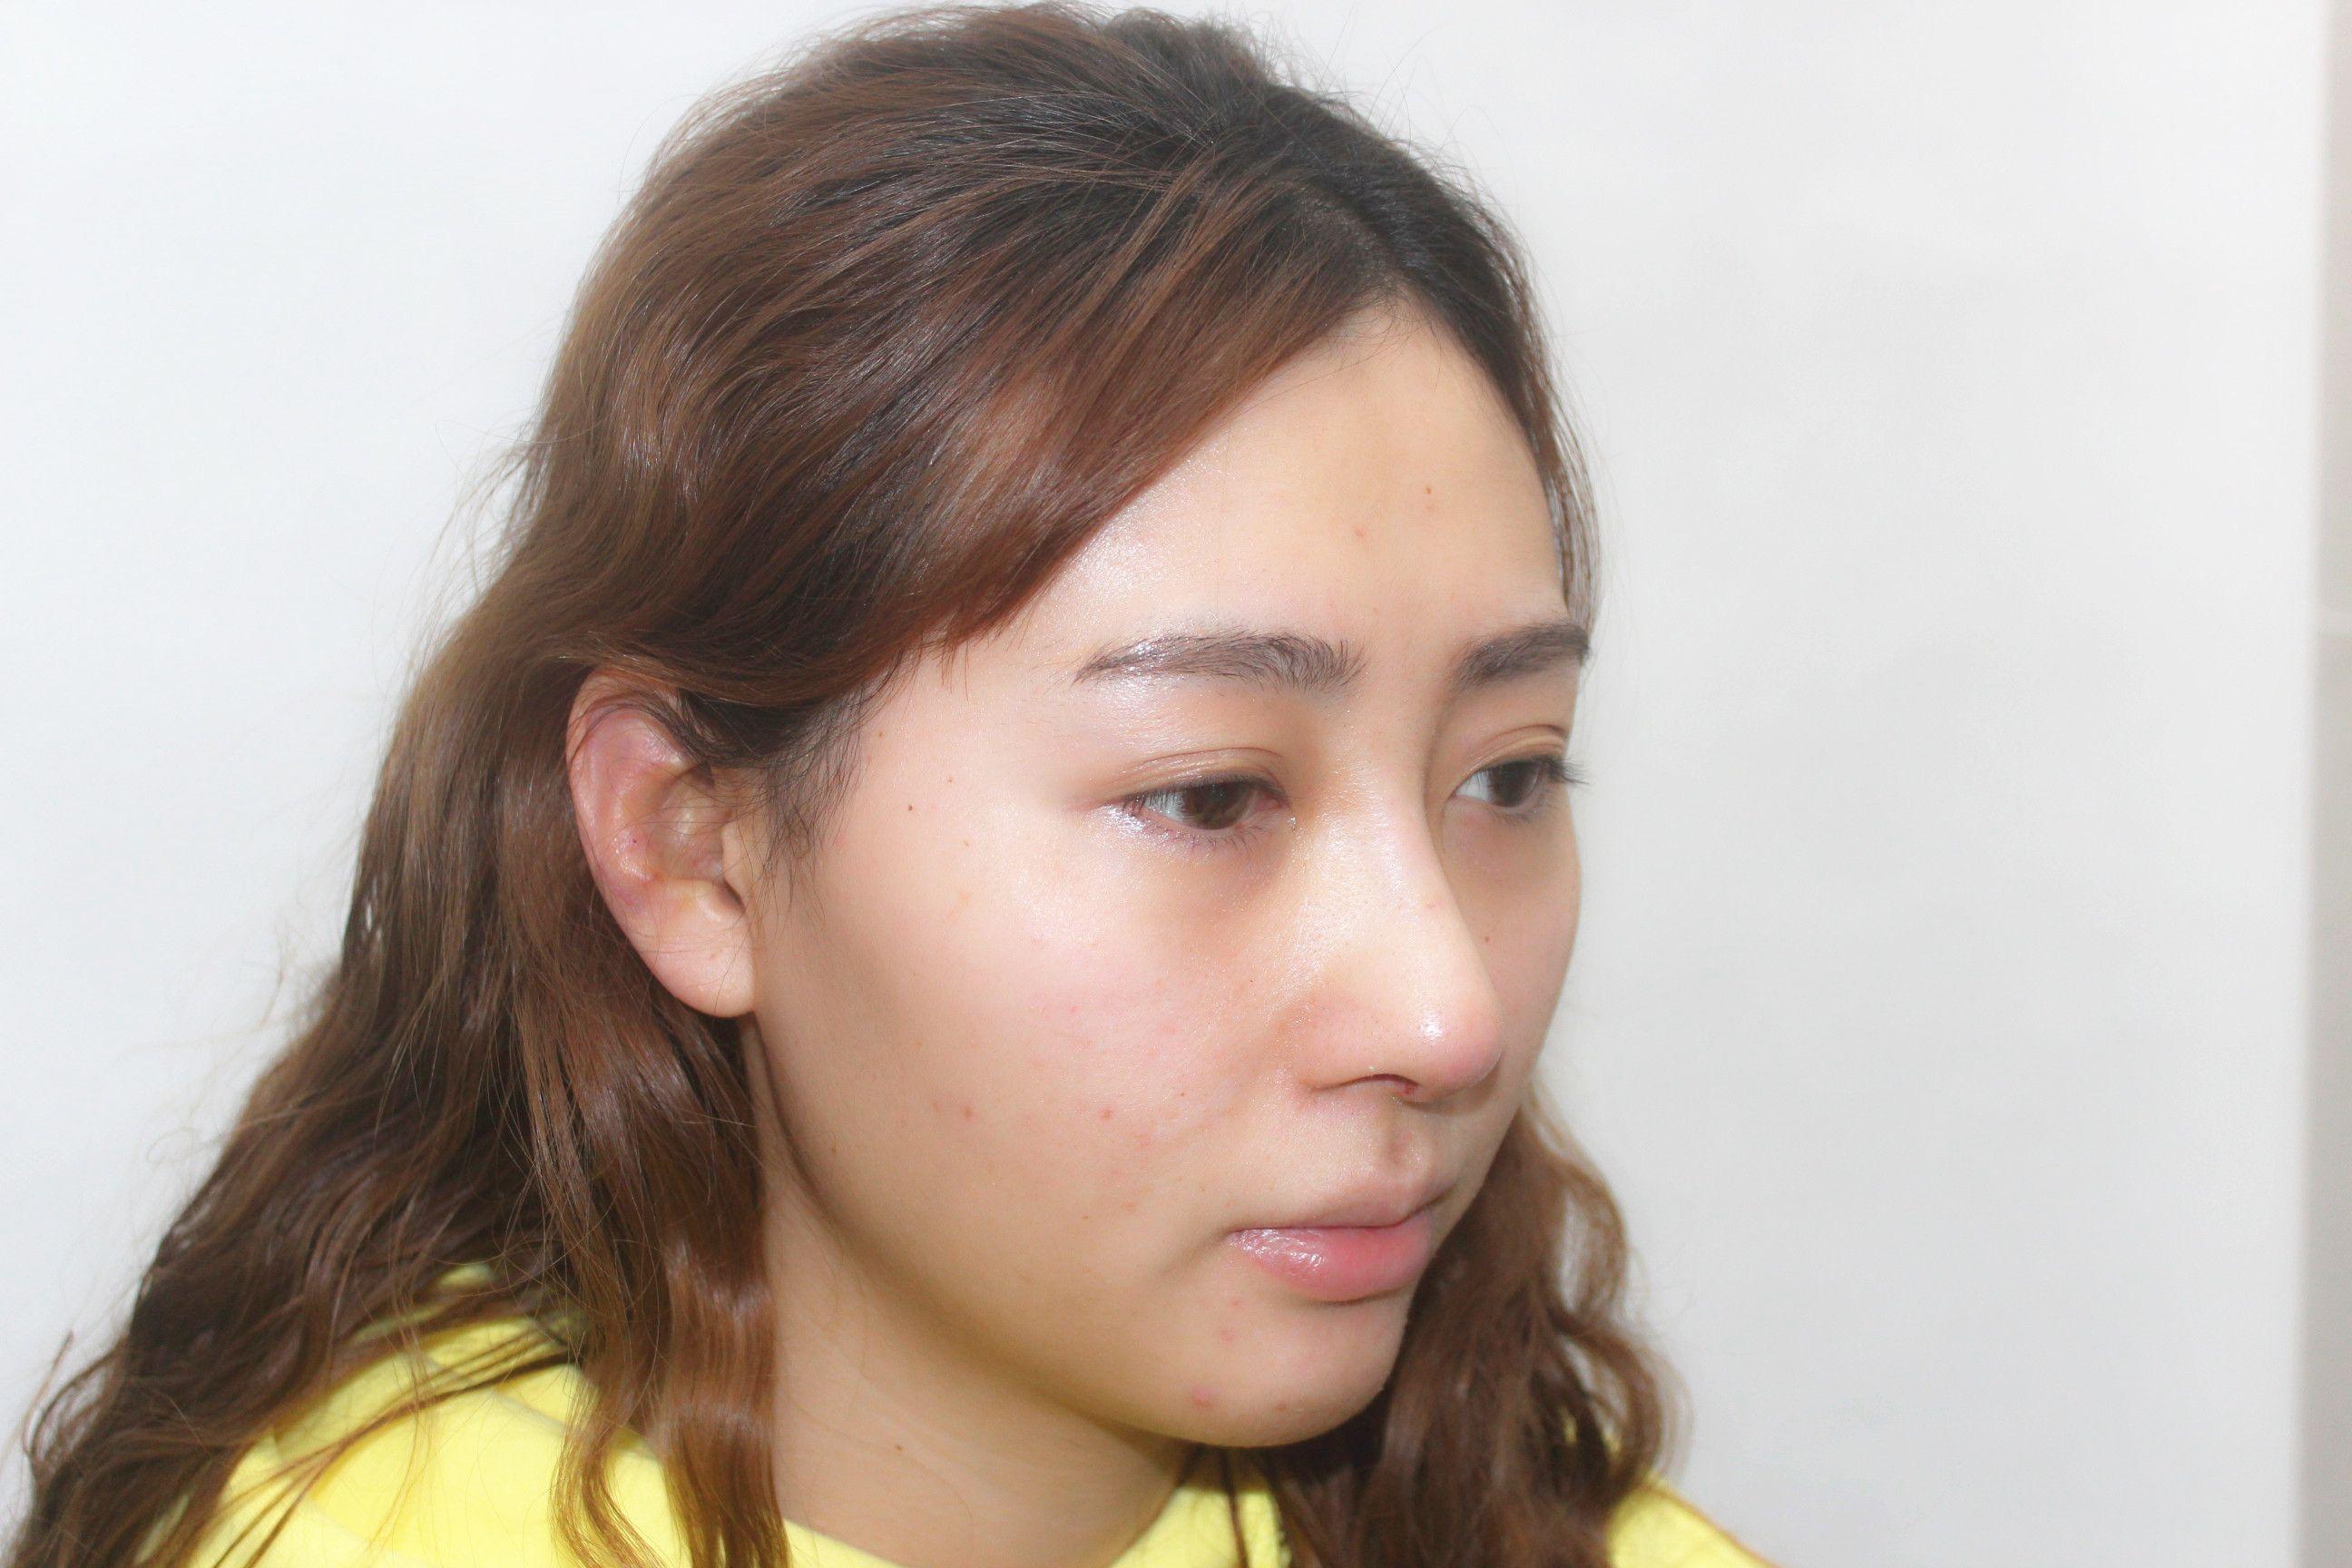 今天拆線了,現在的鼻子基本都恢復的差不多了。高度差不多也定型了,腫脹基本消失了,就是鼻子鼻部的疤痕還沒有完全自我修復好。靜待恢復好之后的效果!